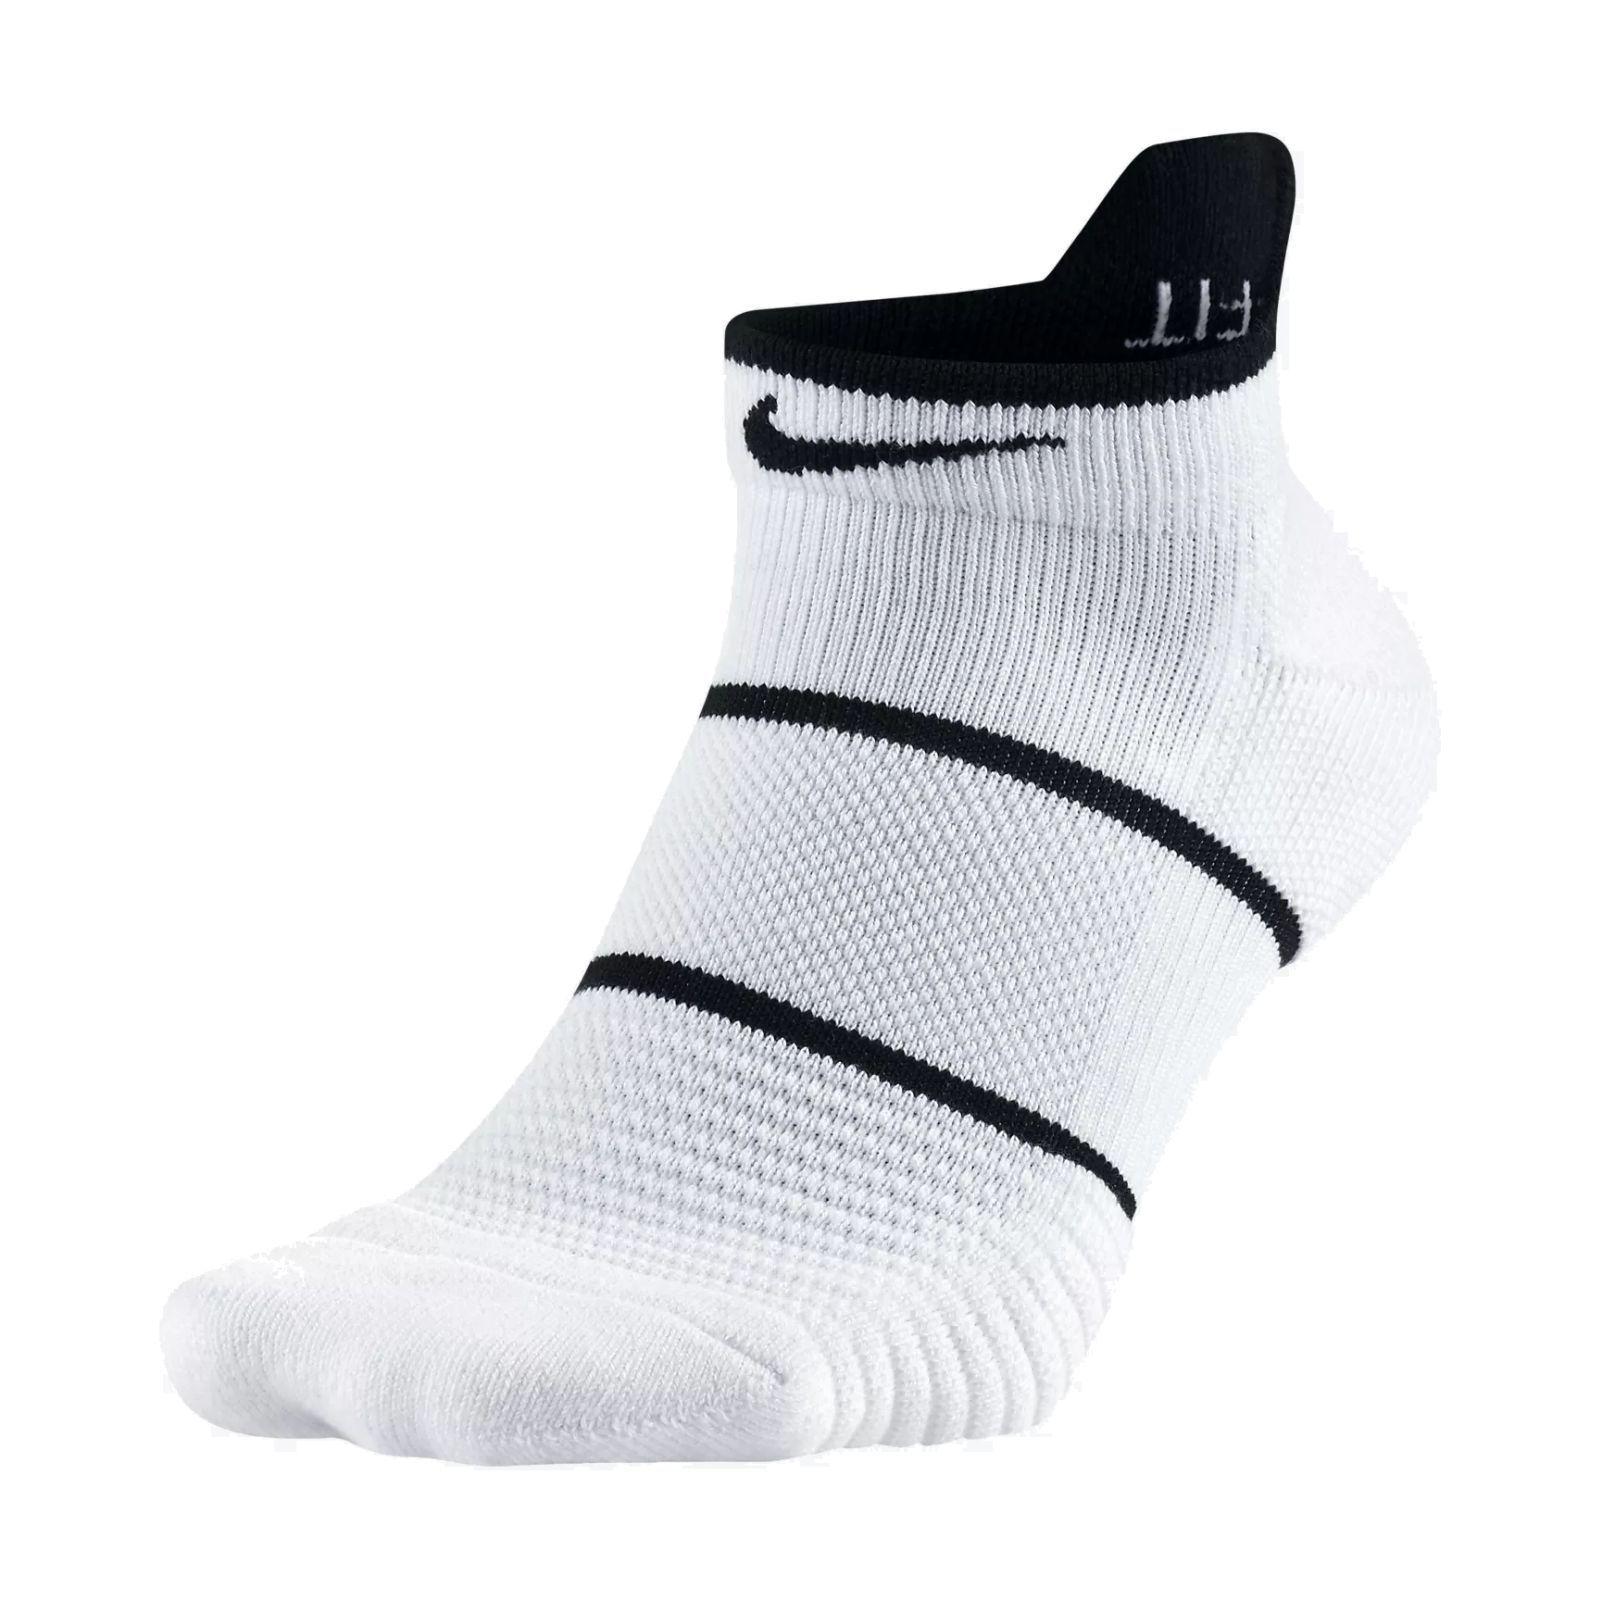 Nike Tennis Socken NIKECOURT ESSENTIALS NO-SHOW weiß schwarz